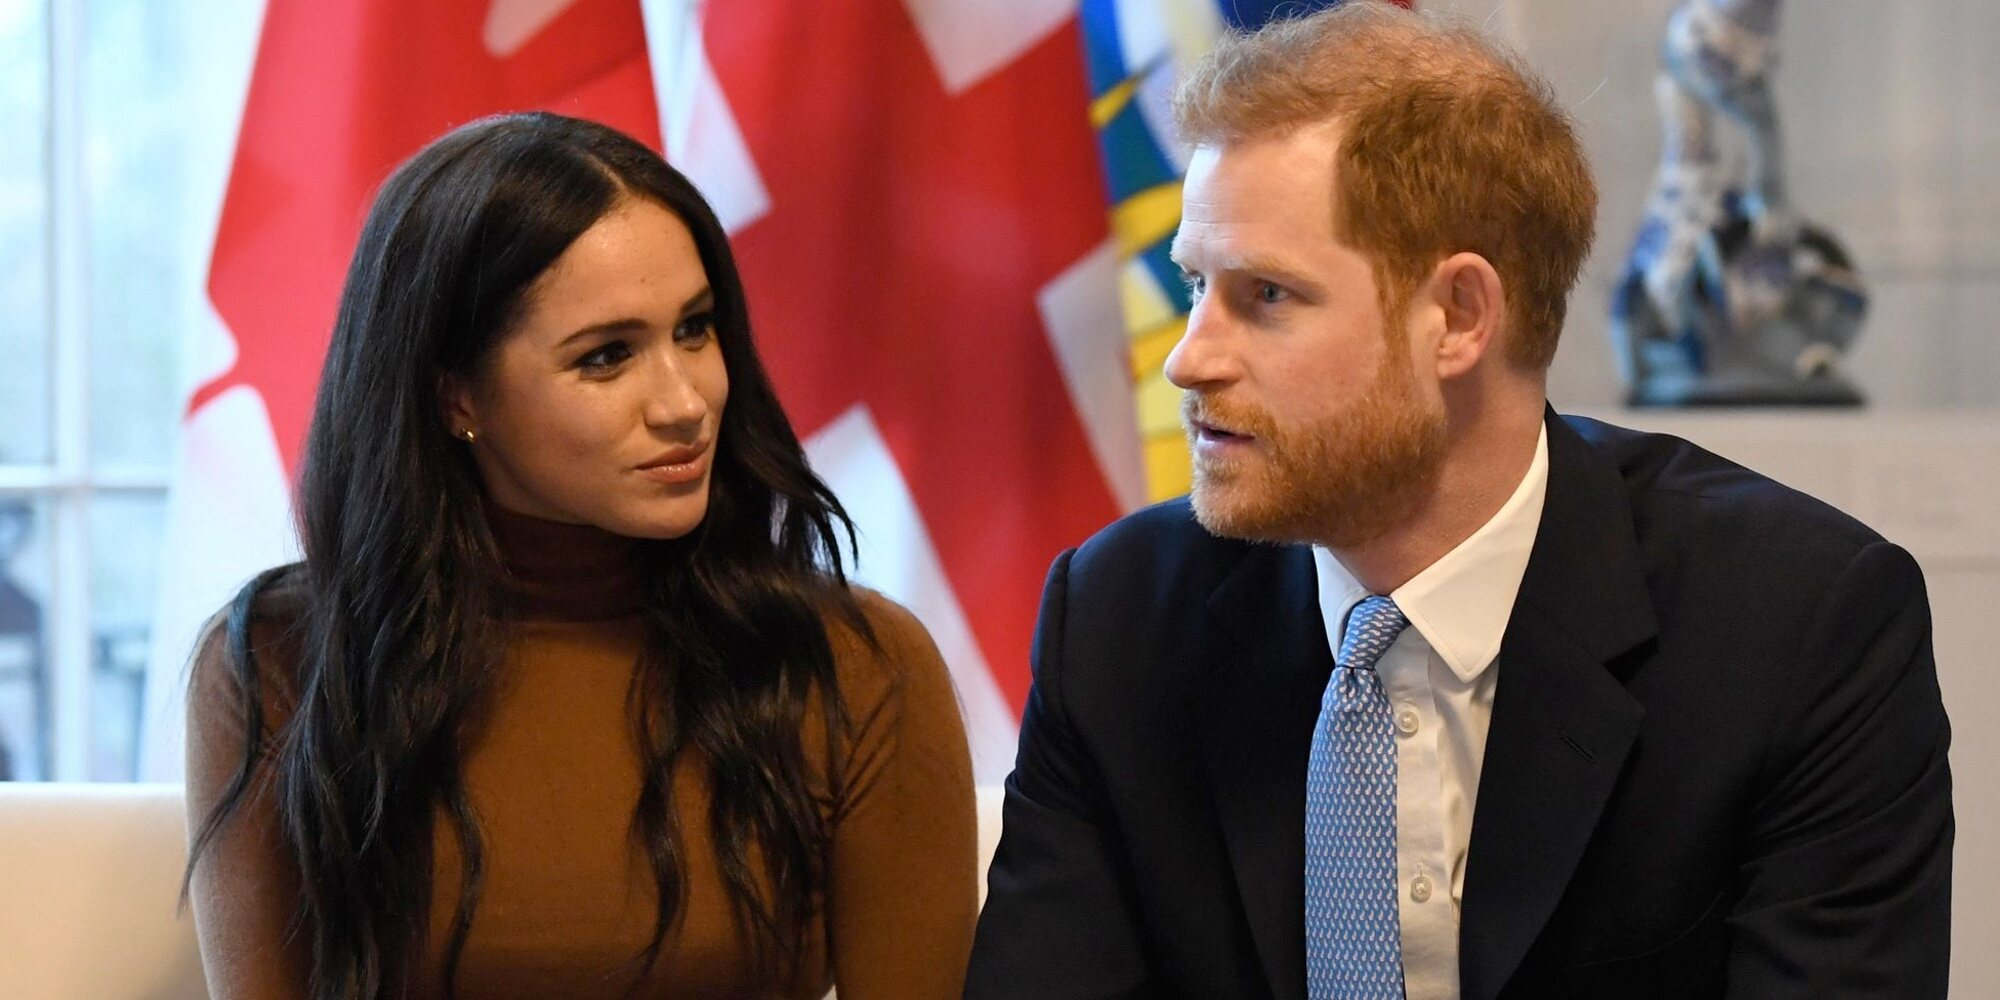 La dolorosa decisión del Príncipe Harry y Meghan Markle al no poder celebrar el legado de Lady Di